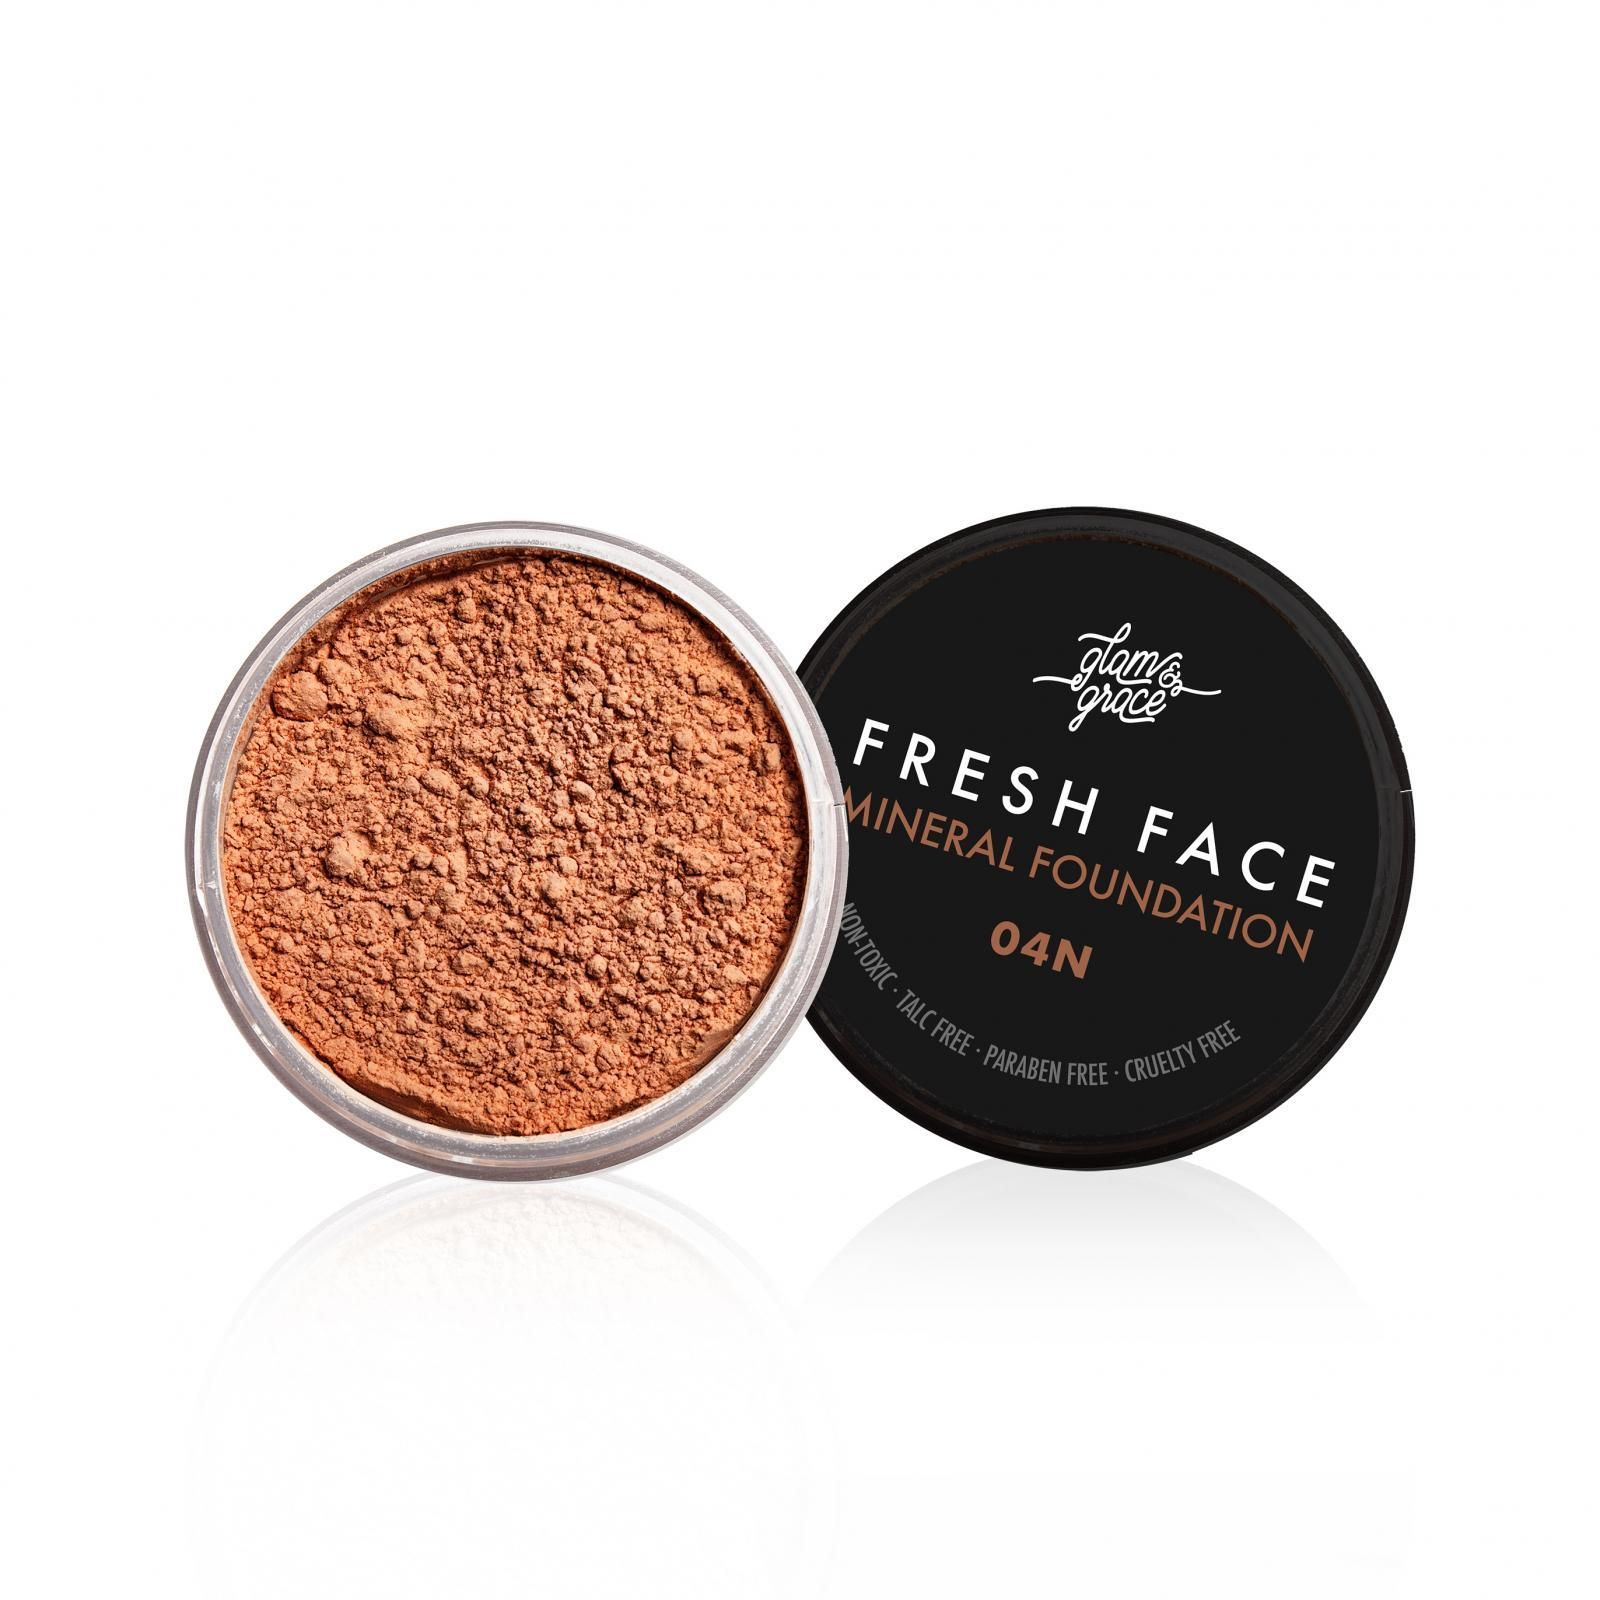 FRESH Face Mineral Foundation Powder - Dark 04N